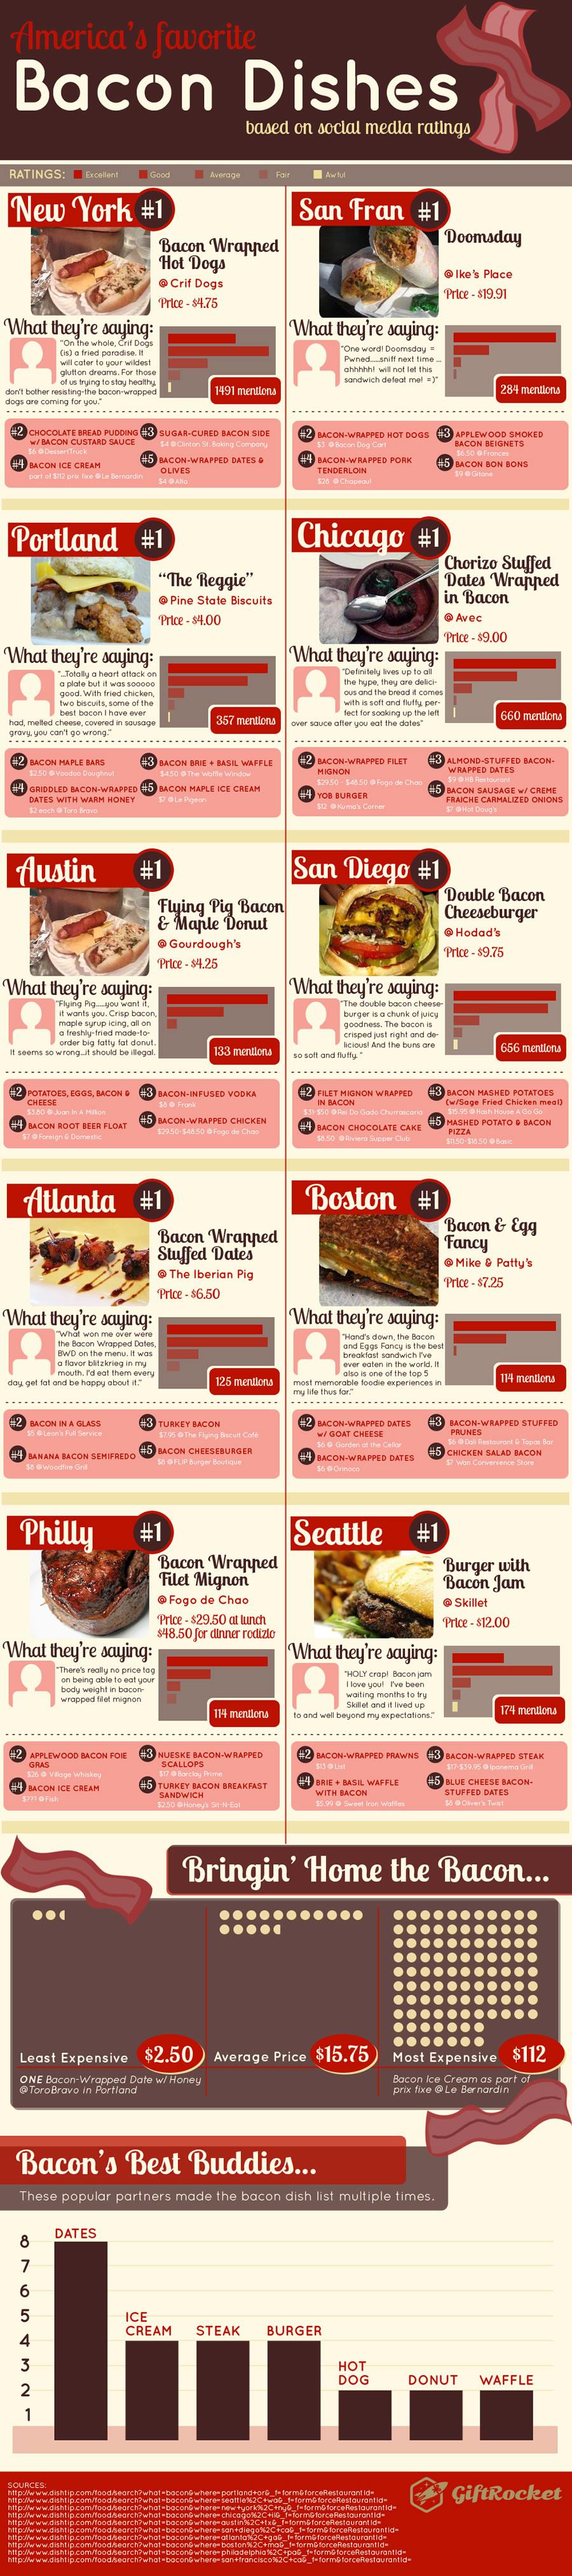 2013-06-06-bacondishesinfographicfull.jpg